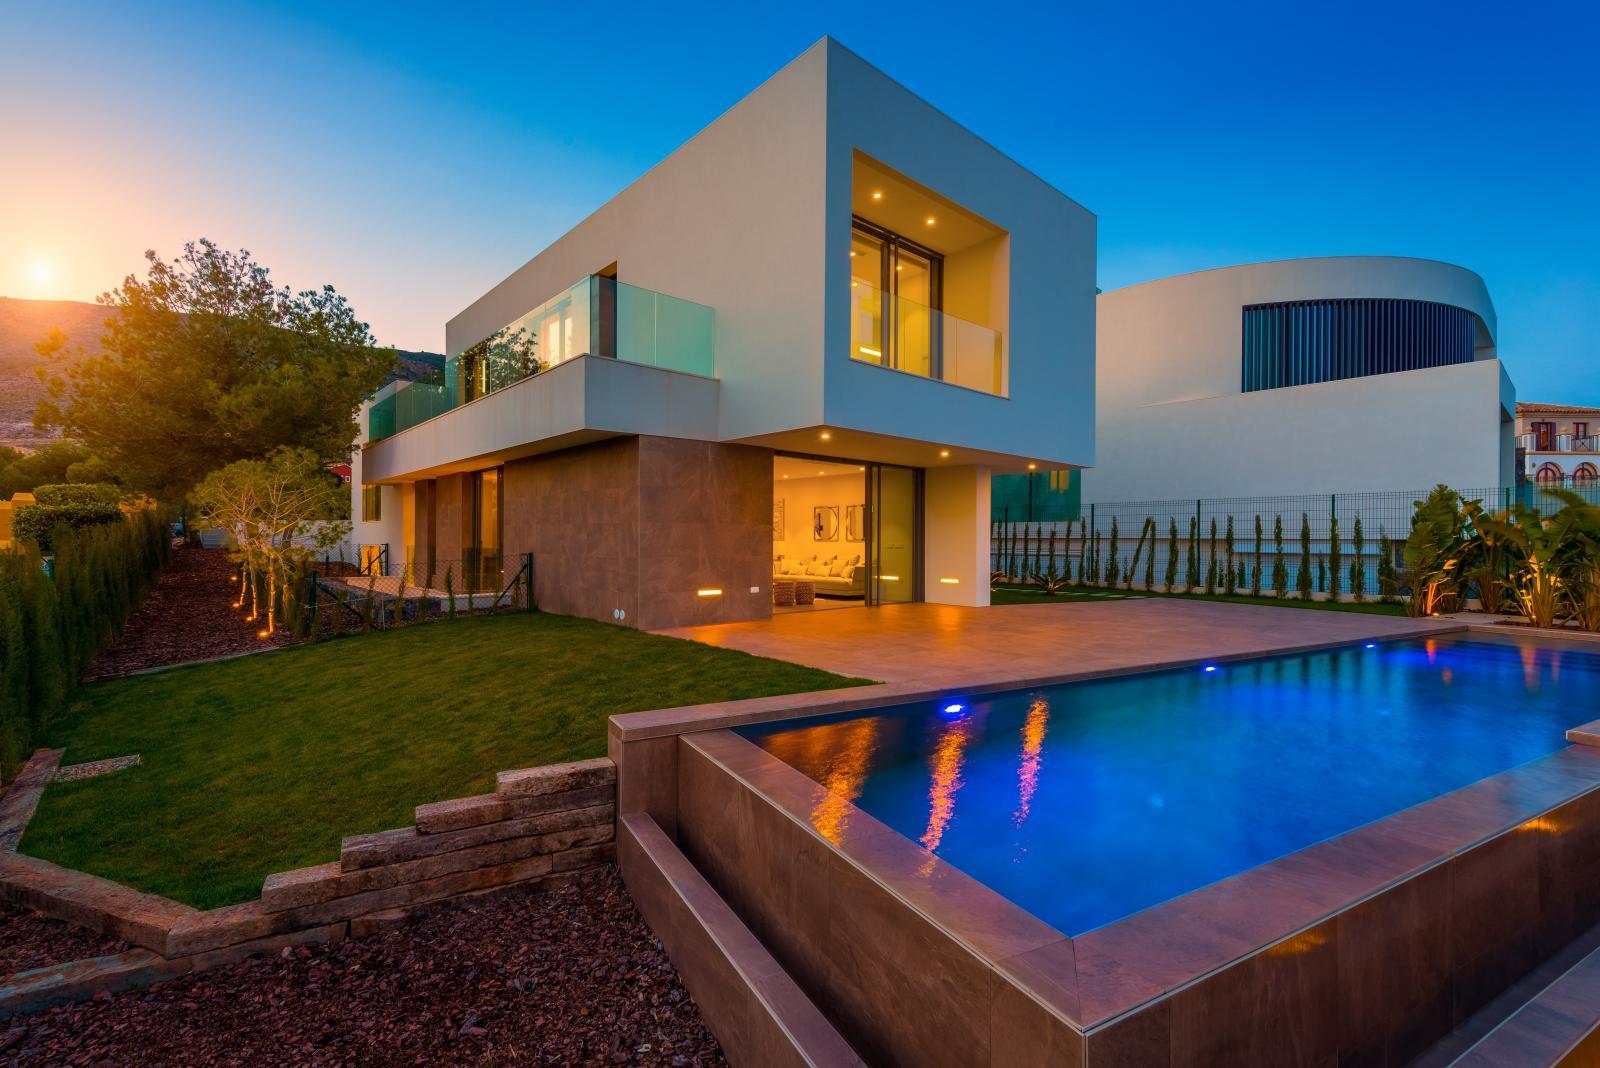 10. Brand new villa in Finestrat Alicante - Fantastic Brand New Villa in Finestrat, Alicante